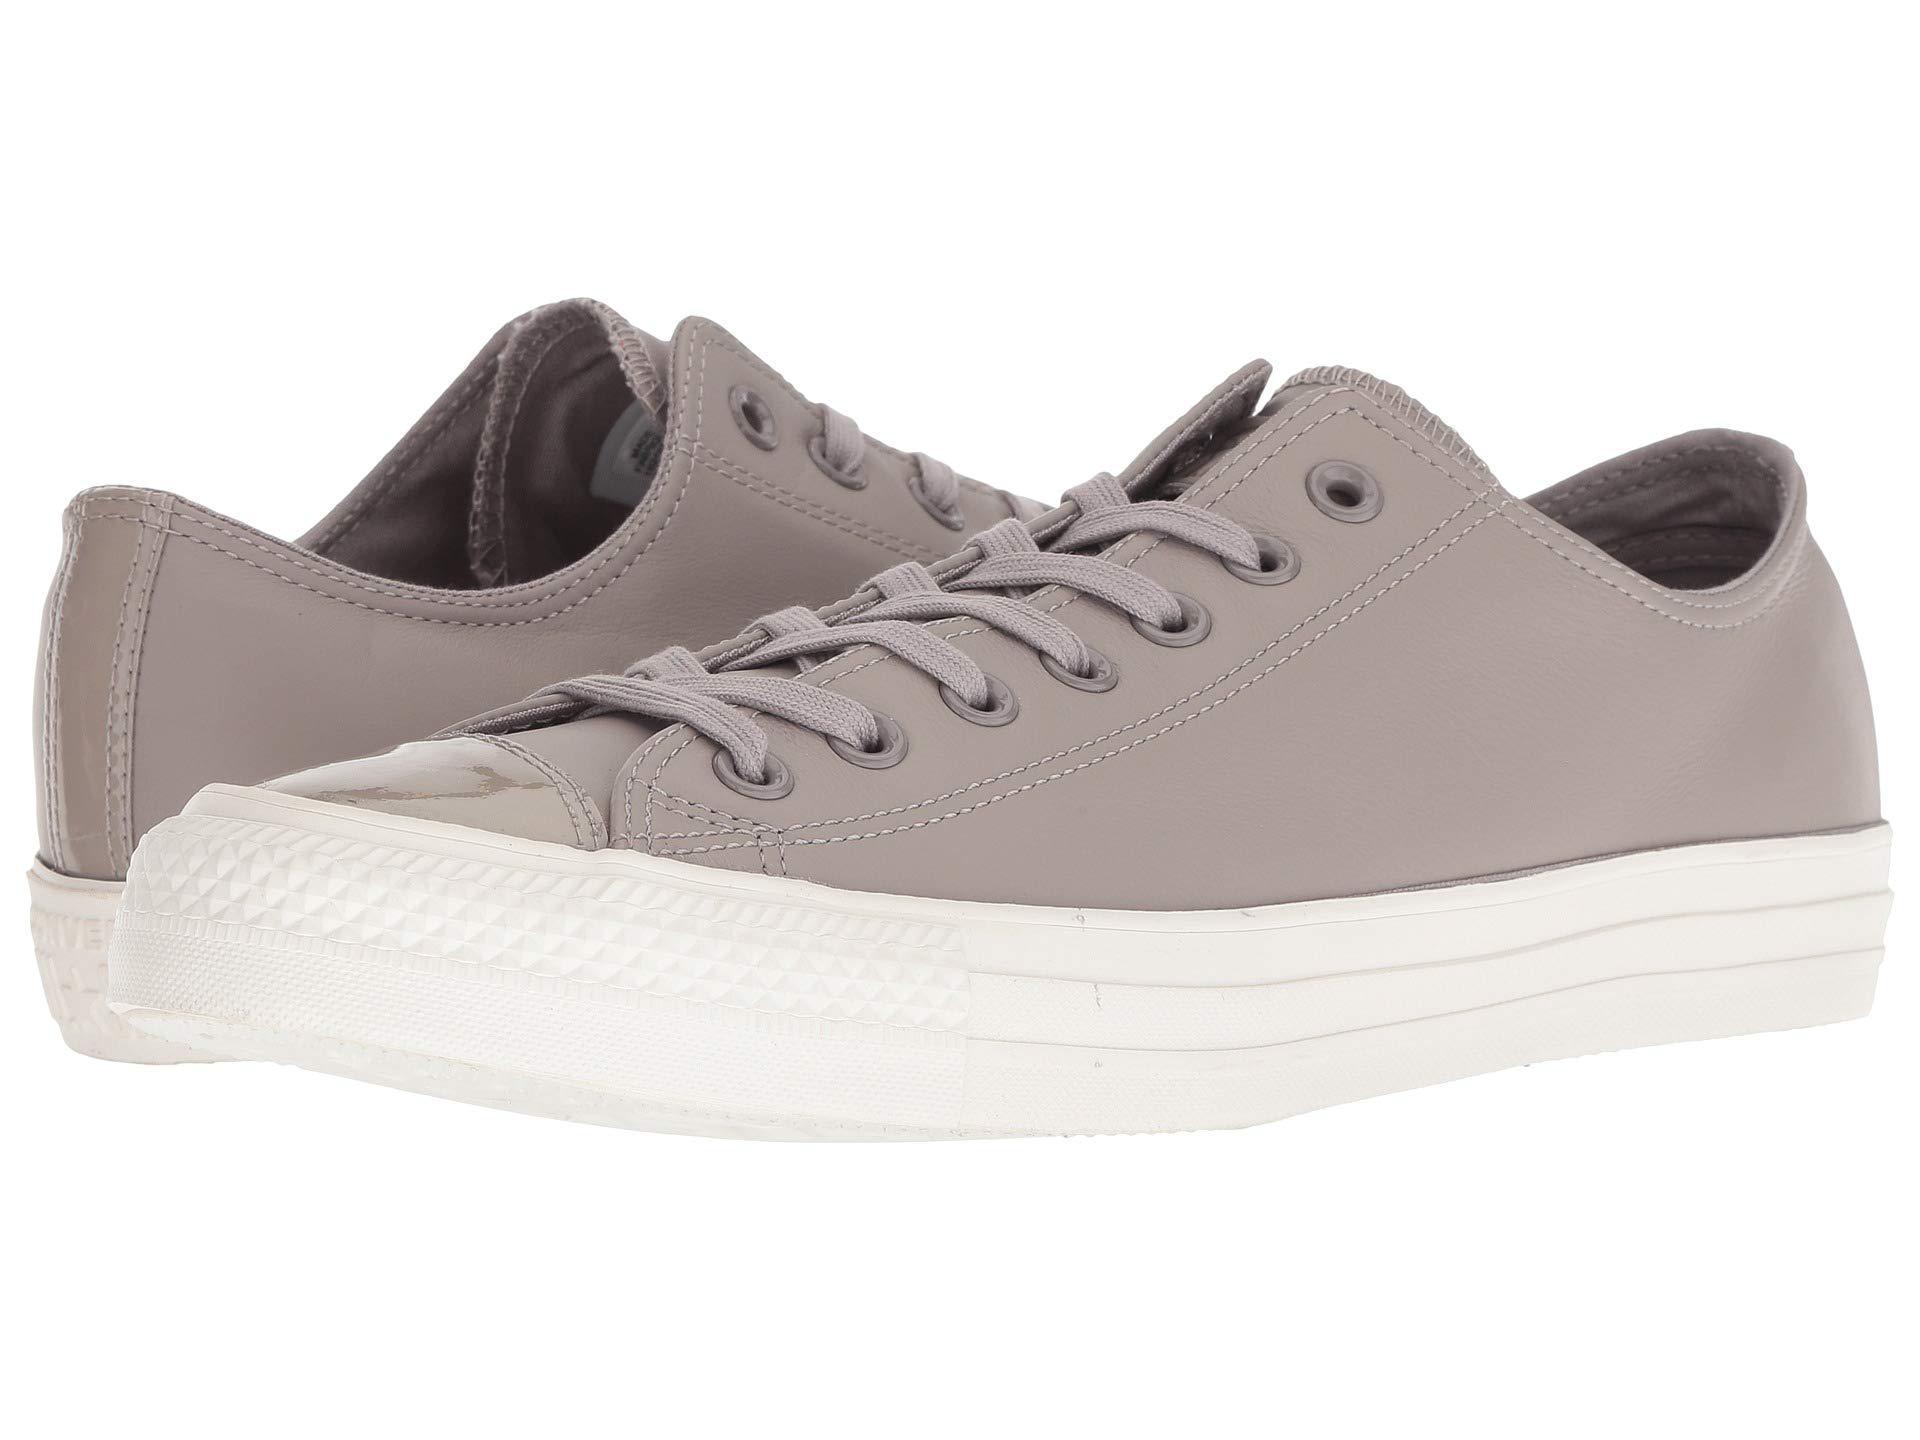 946ec6b800ead2 Lyst - Converse Chuck Taylor All Star Leather - Ox (mercury Grey ...